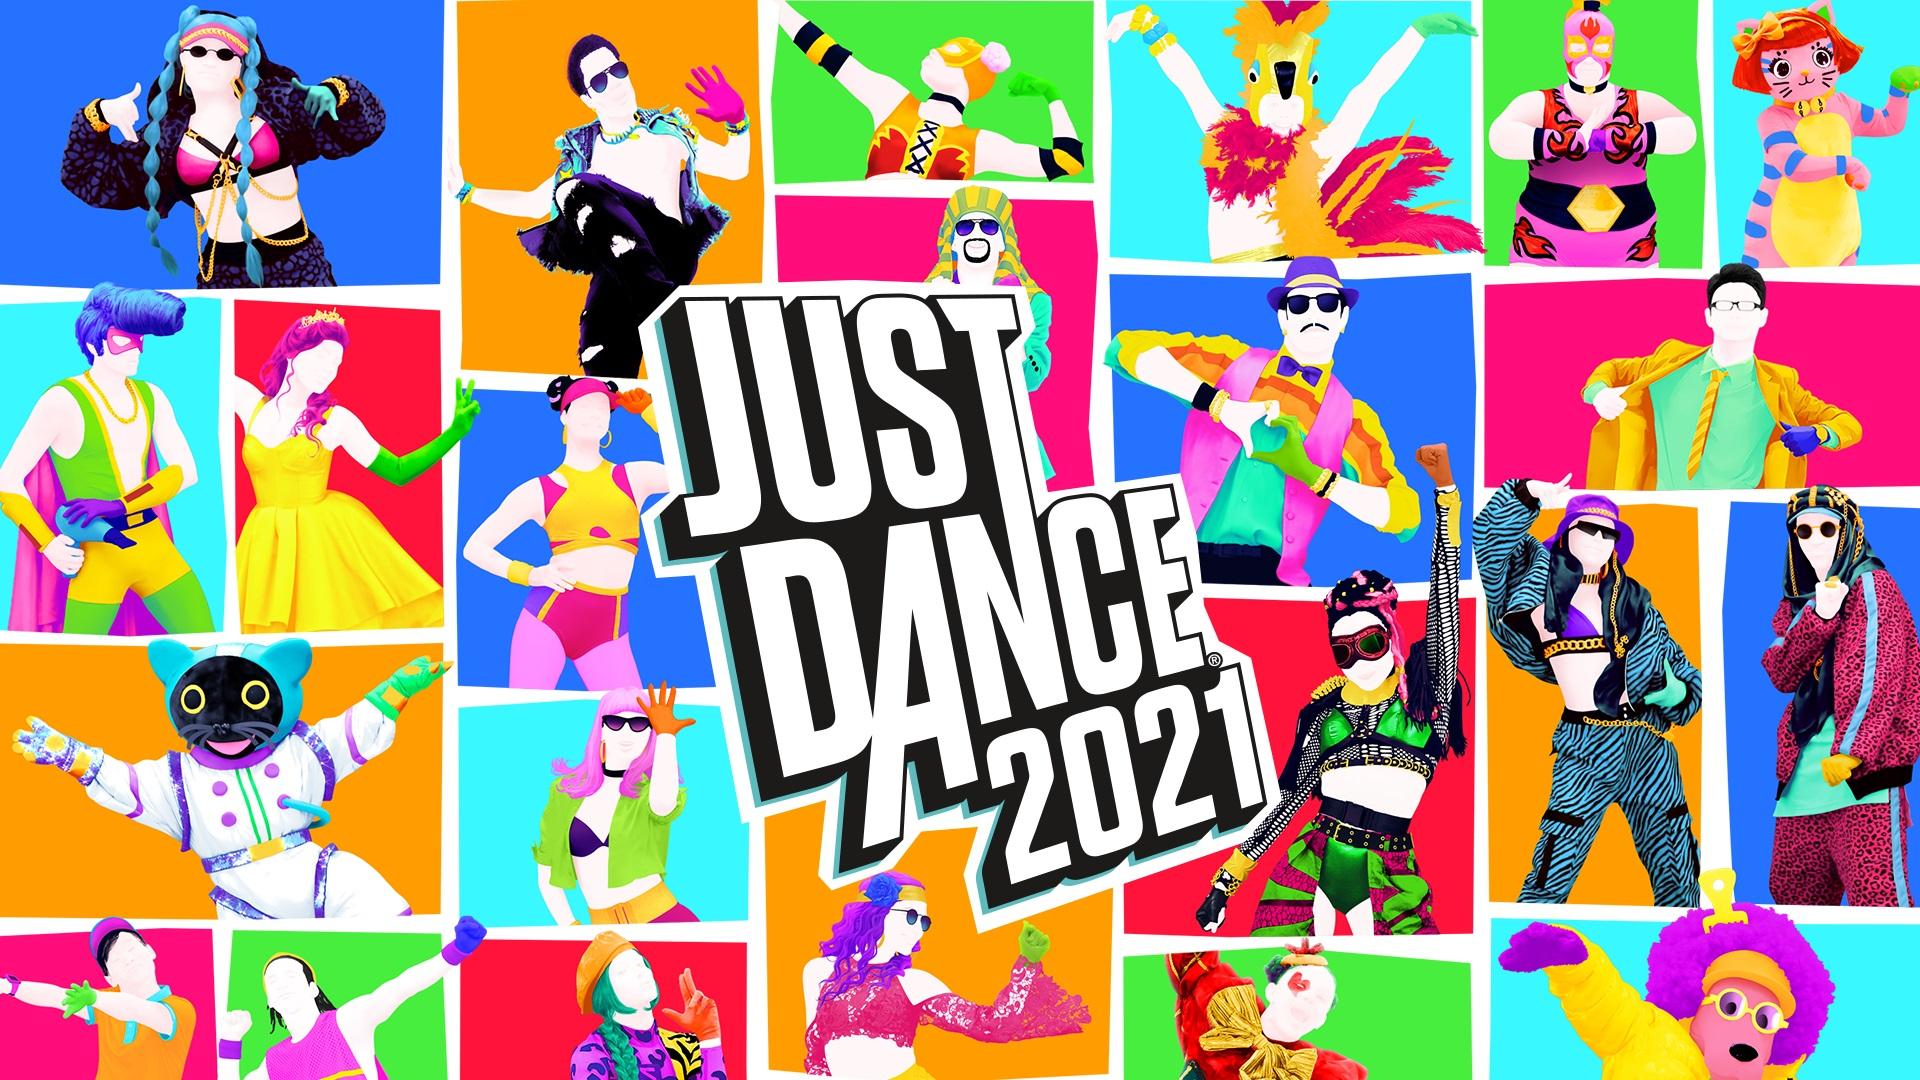 Nintendo eshop MX - Just Dance 2021